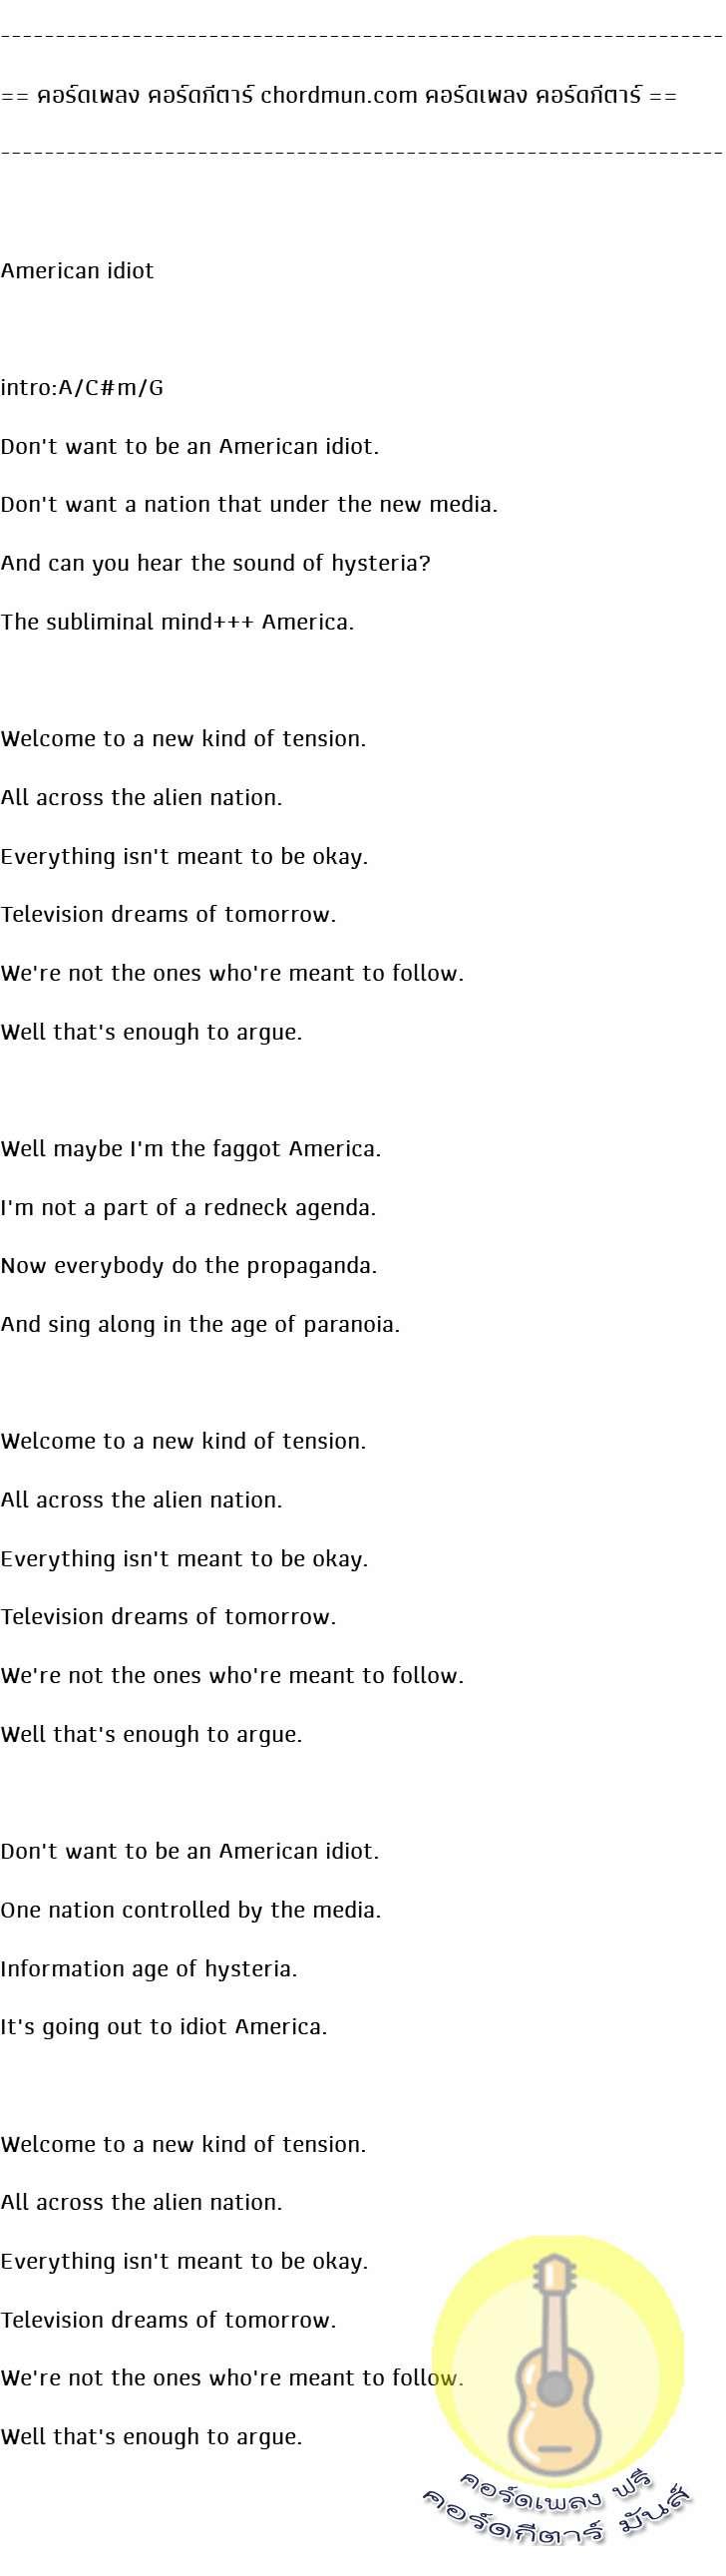 คอร์ดกีต้าร์มือใหม่  เพลง American idiot